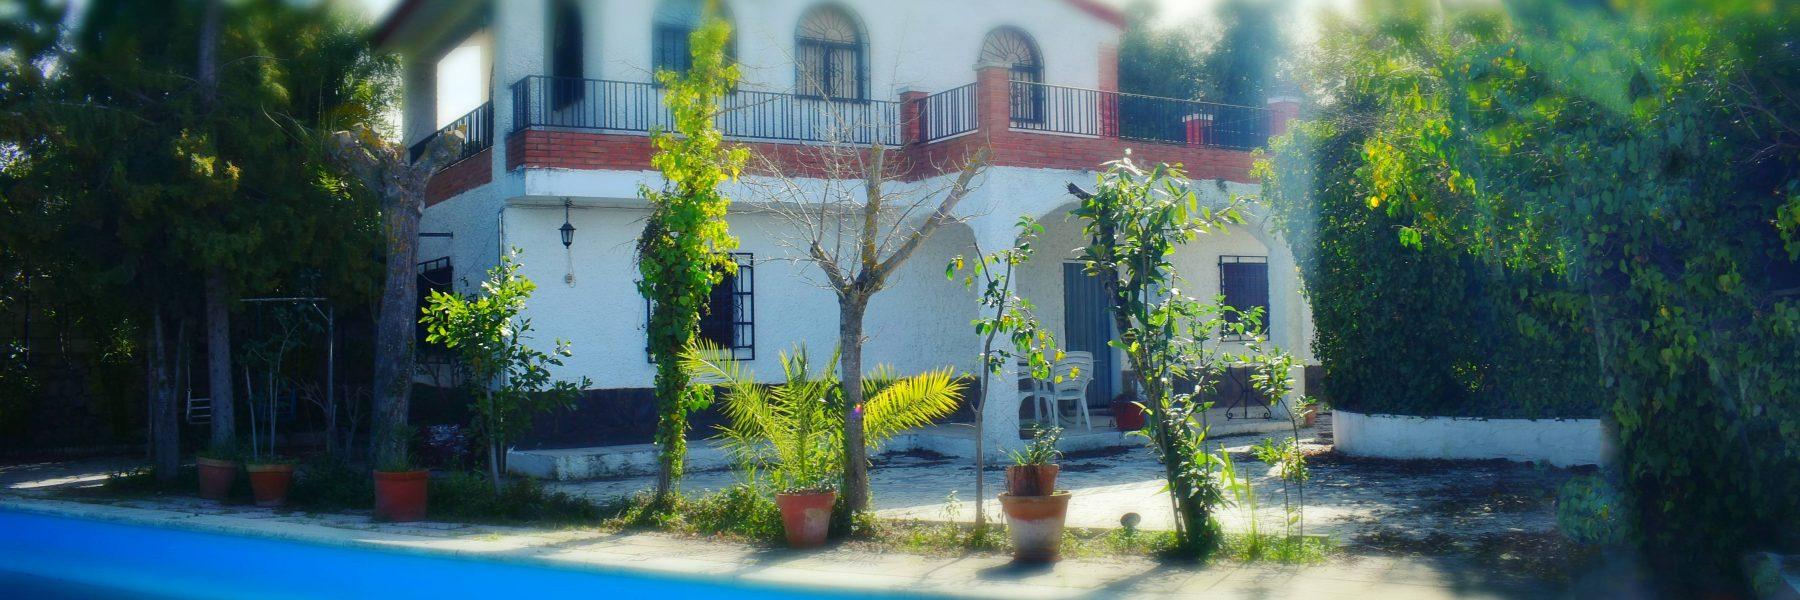 Casa con jardín en Ogíjares – Urbano & Rústico